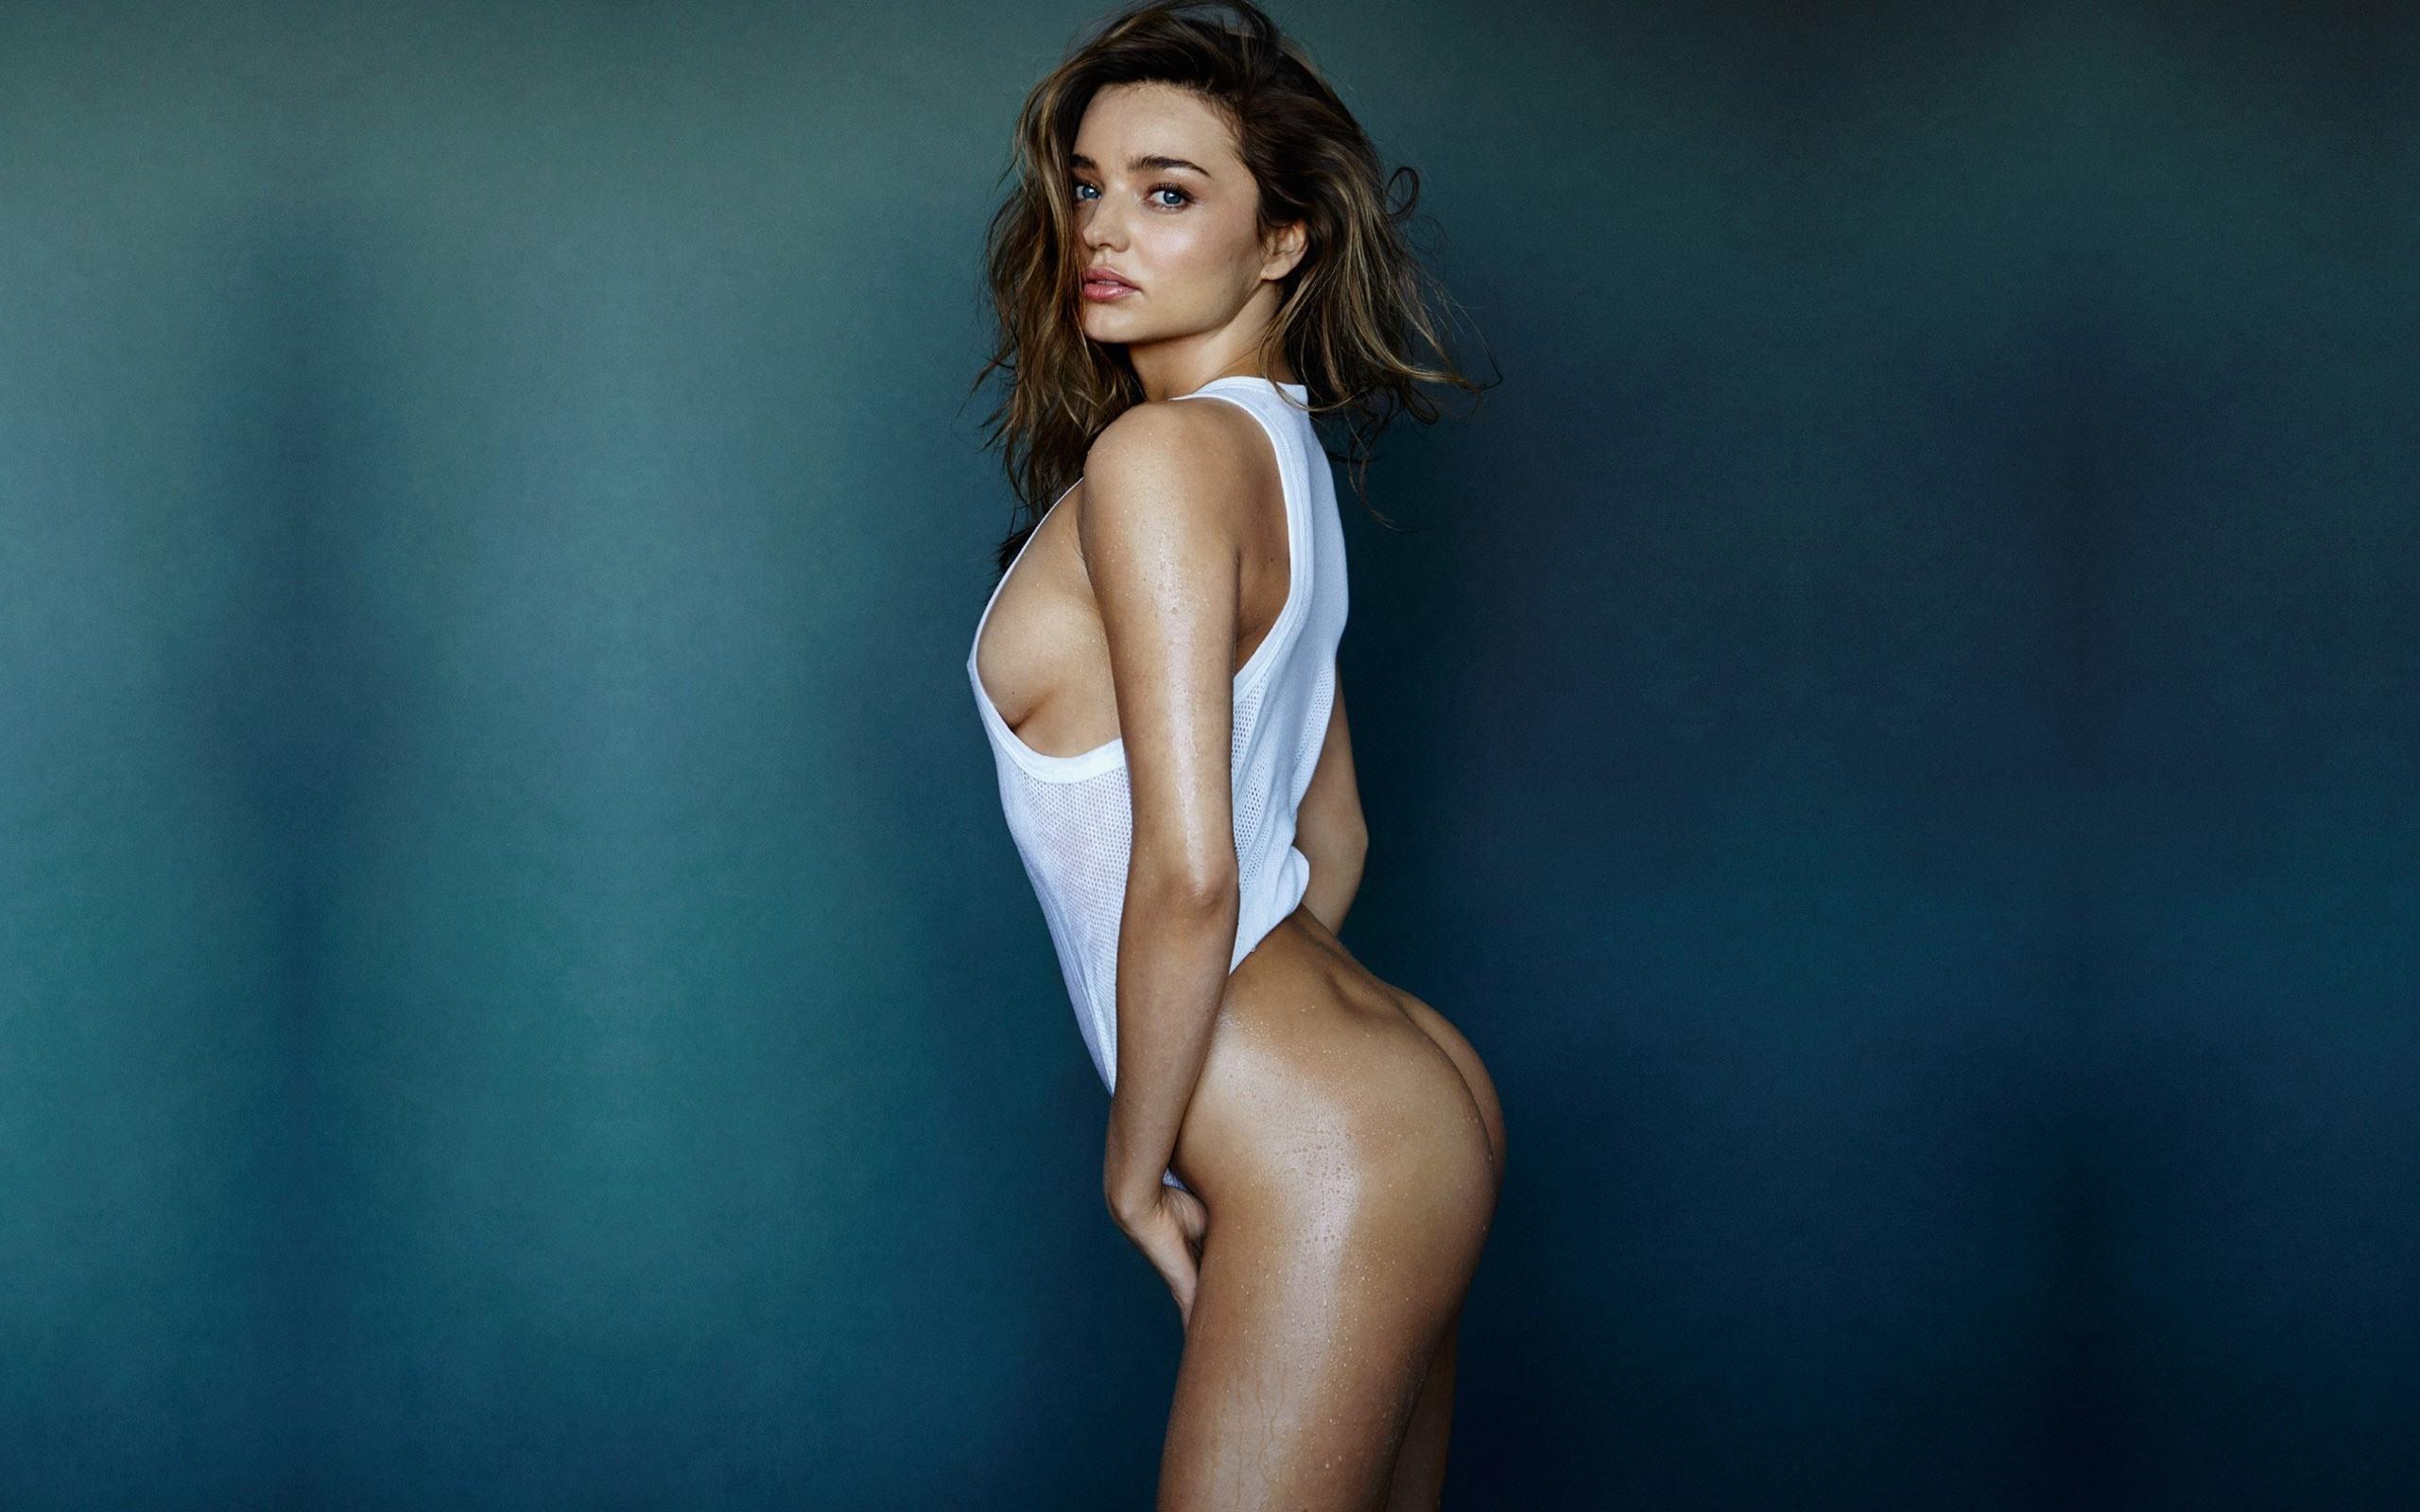 Фото Миранда Керр в белом купальнике, голая попка, красивая девушка в сексуальной позе стоя, скачать картинку бесплатно